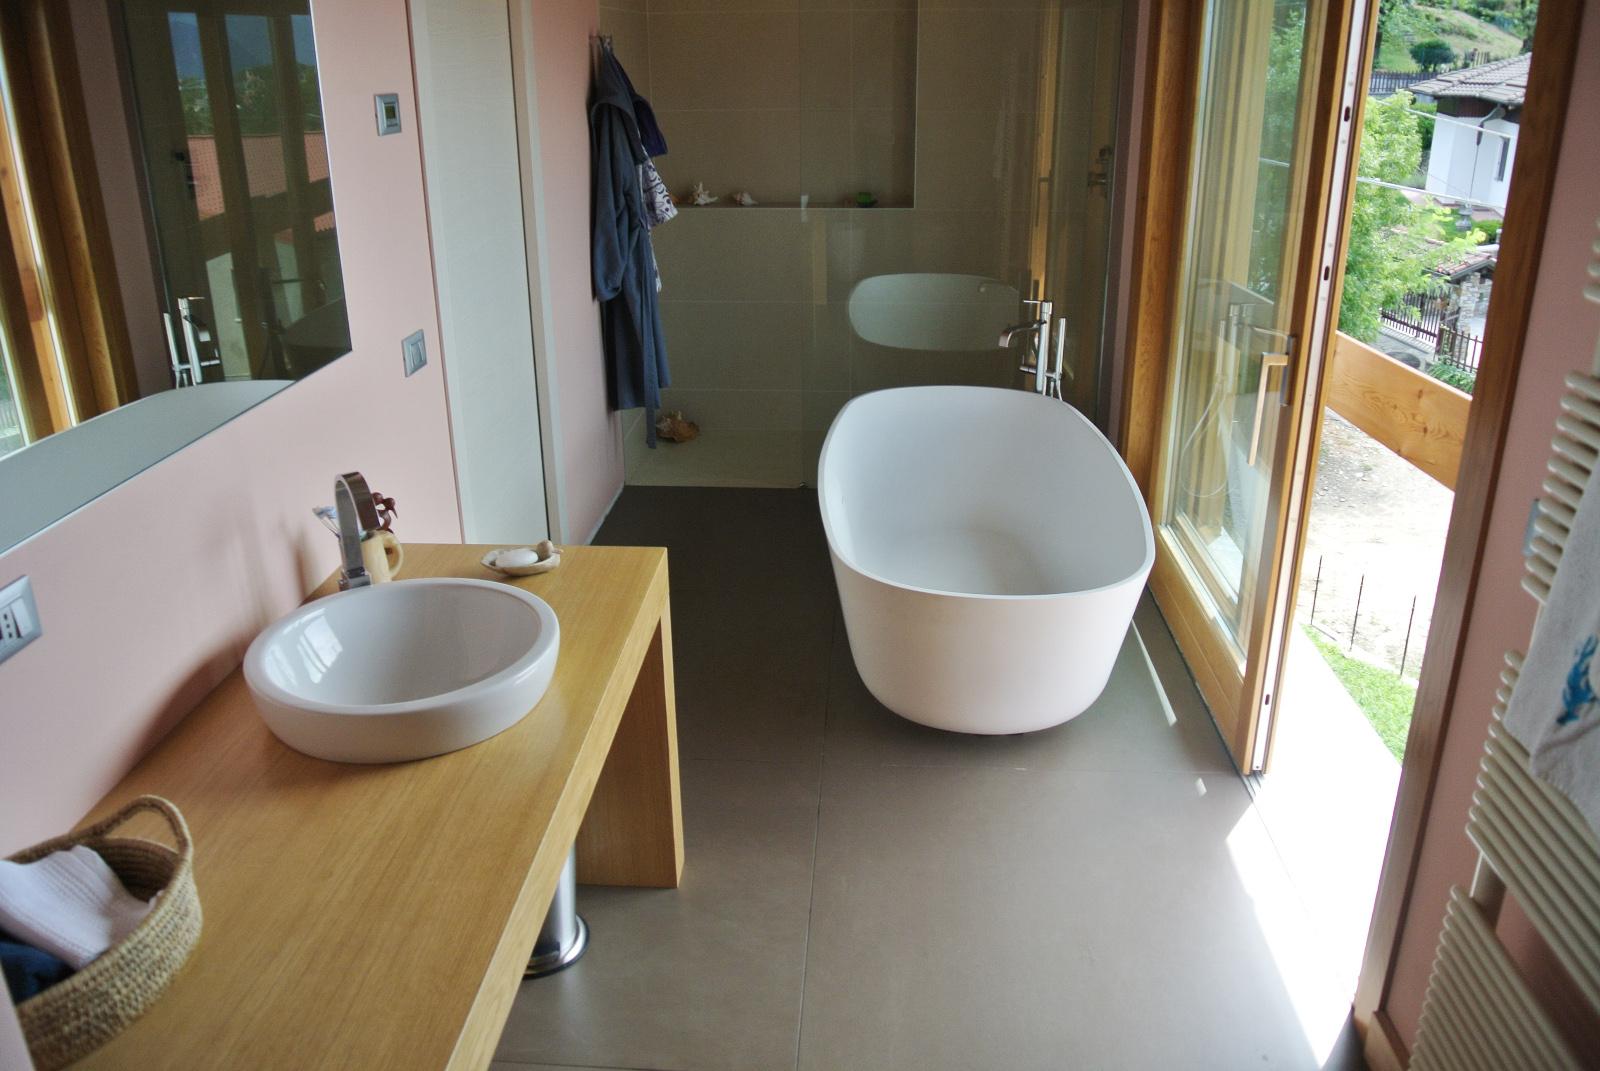 Works sintesibagno progetto e realizzazione arredobagno bagno architect - Sintesi bagno verbania ...